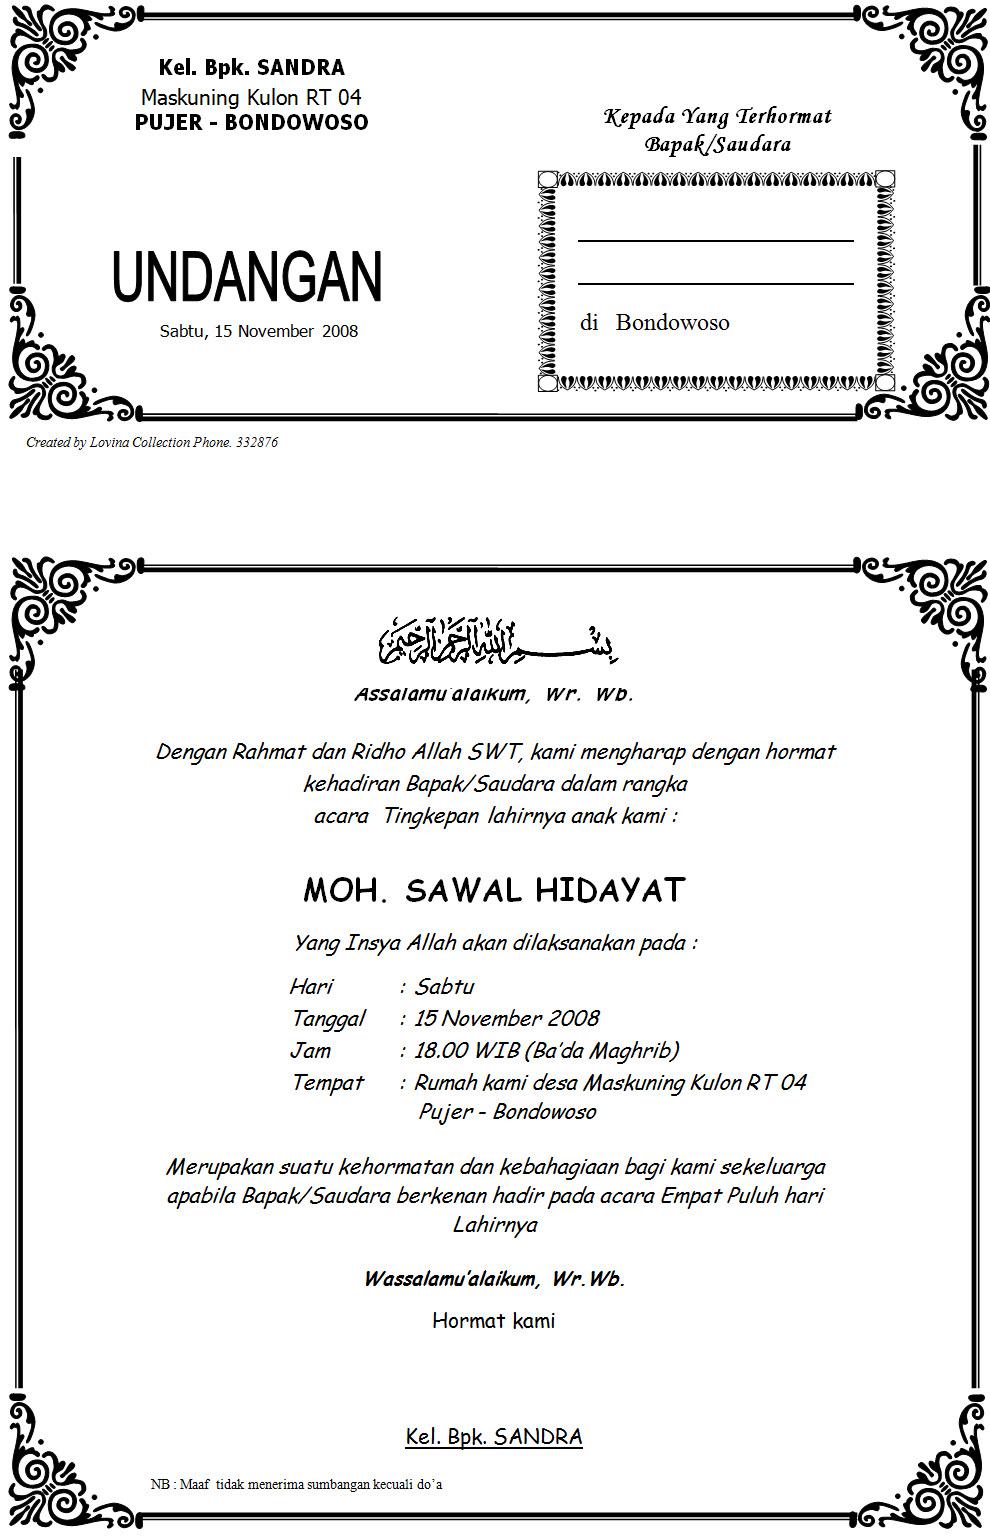 download contoh undangan tingkepan